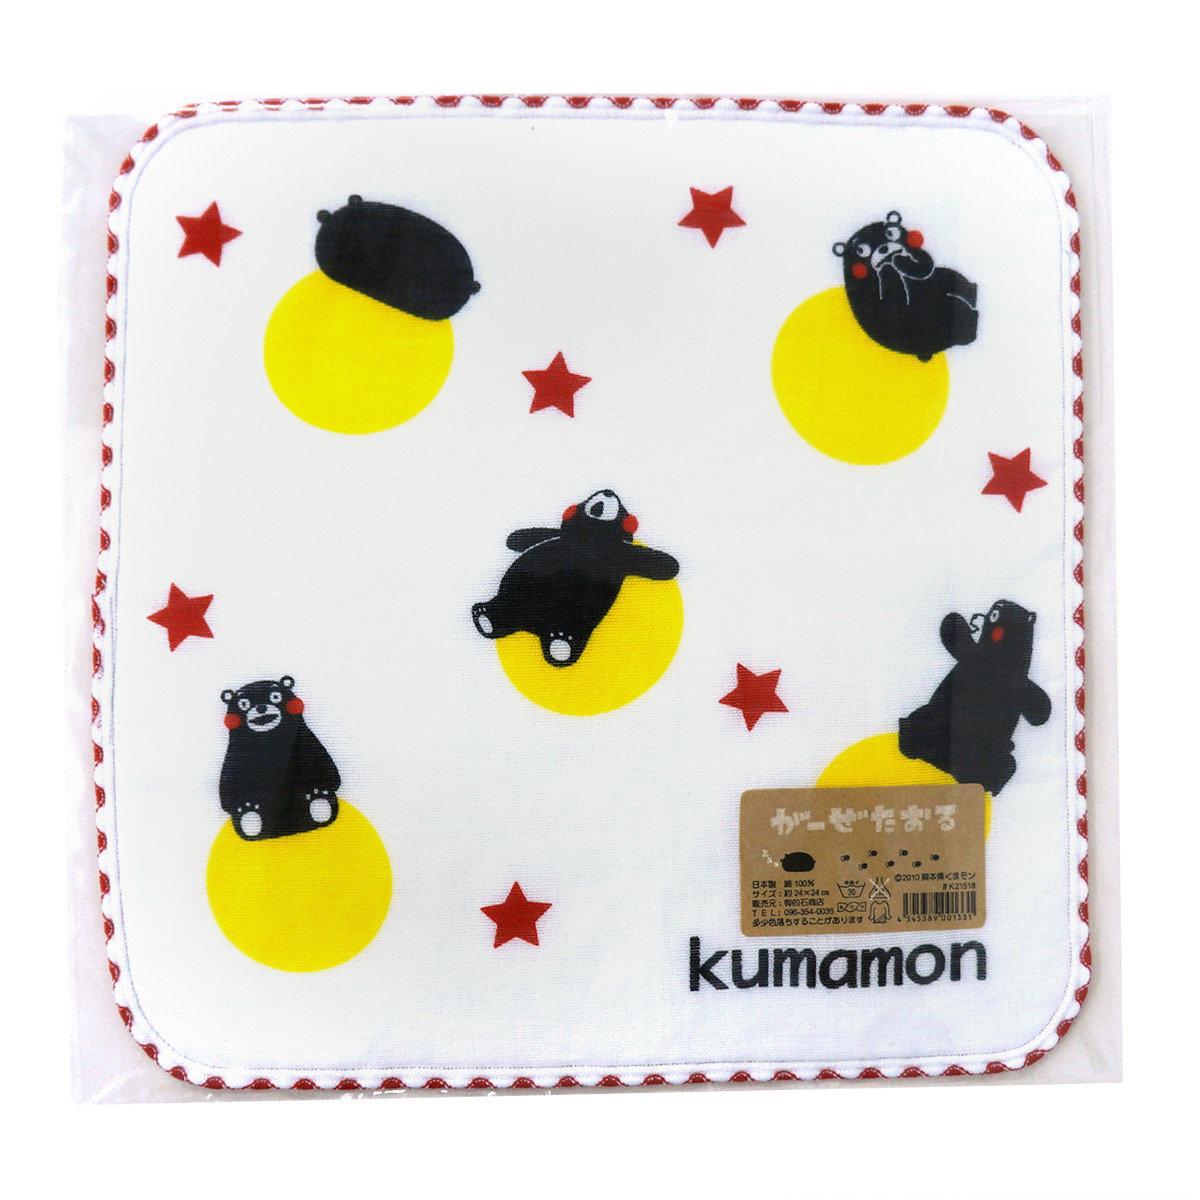 KUMAMON 柔軟小手帕 (紅)